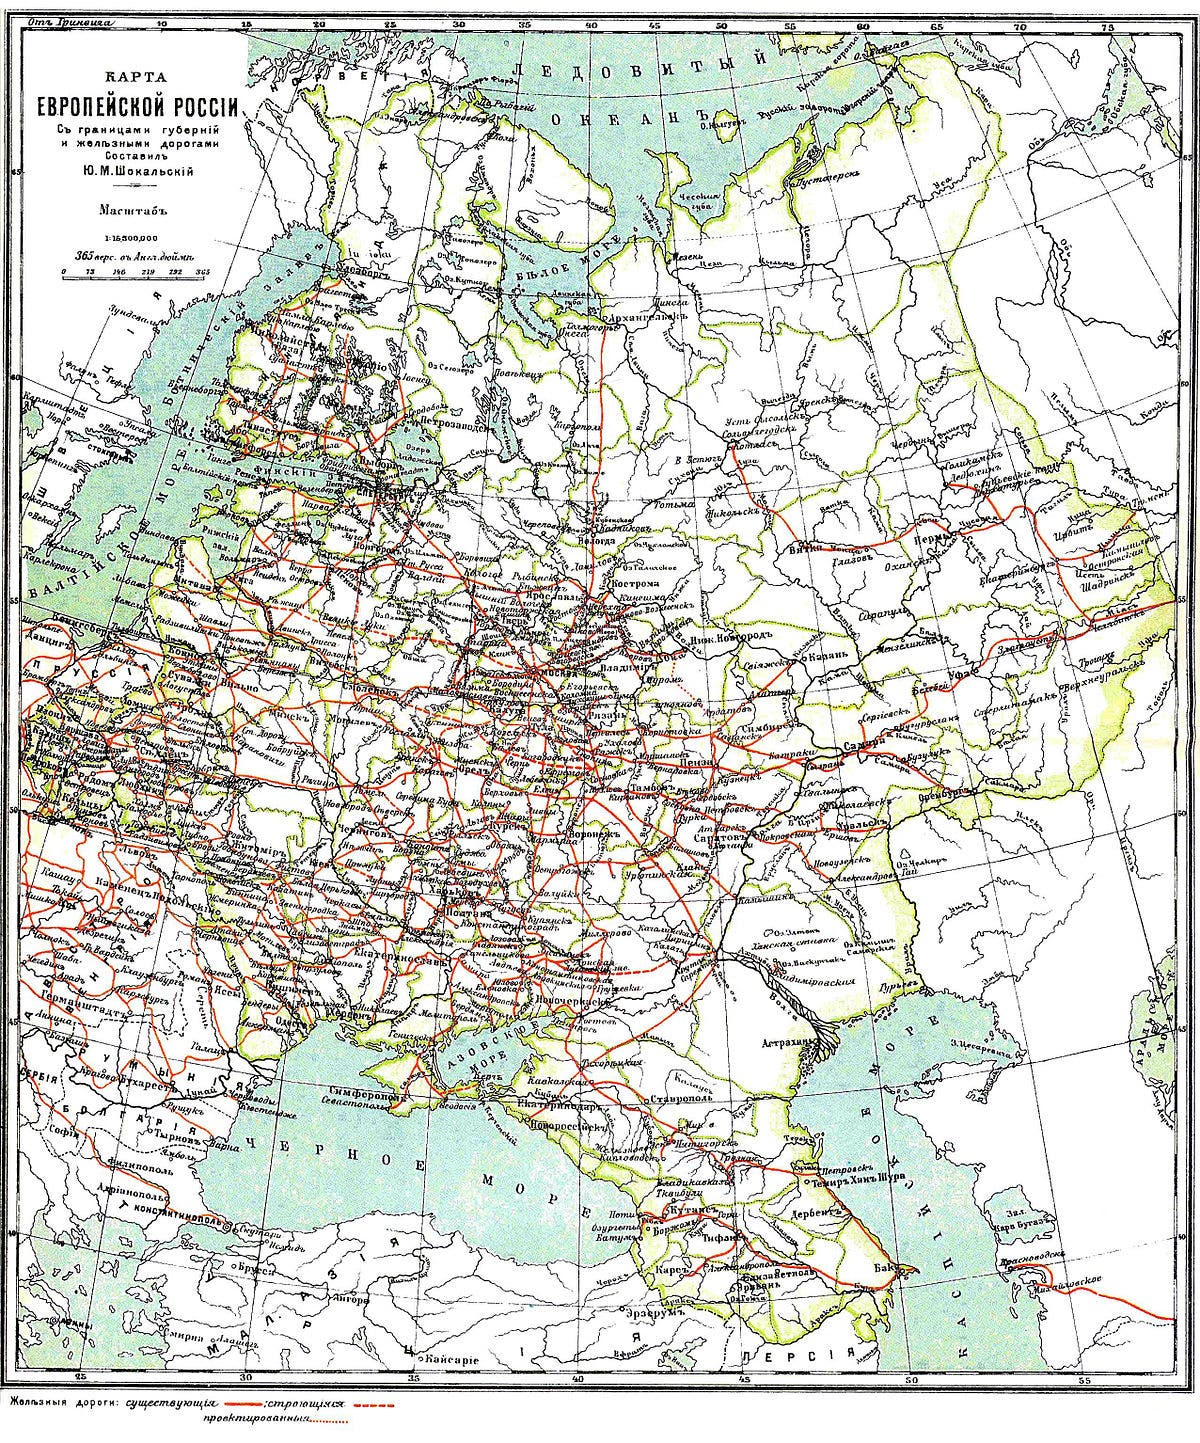 خريطة تبرز توزع خطوط السكك الحديدية بروسيا مطلع القرن 20